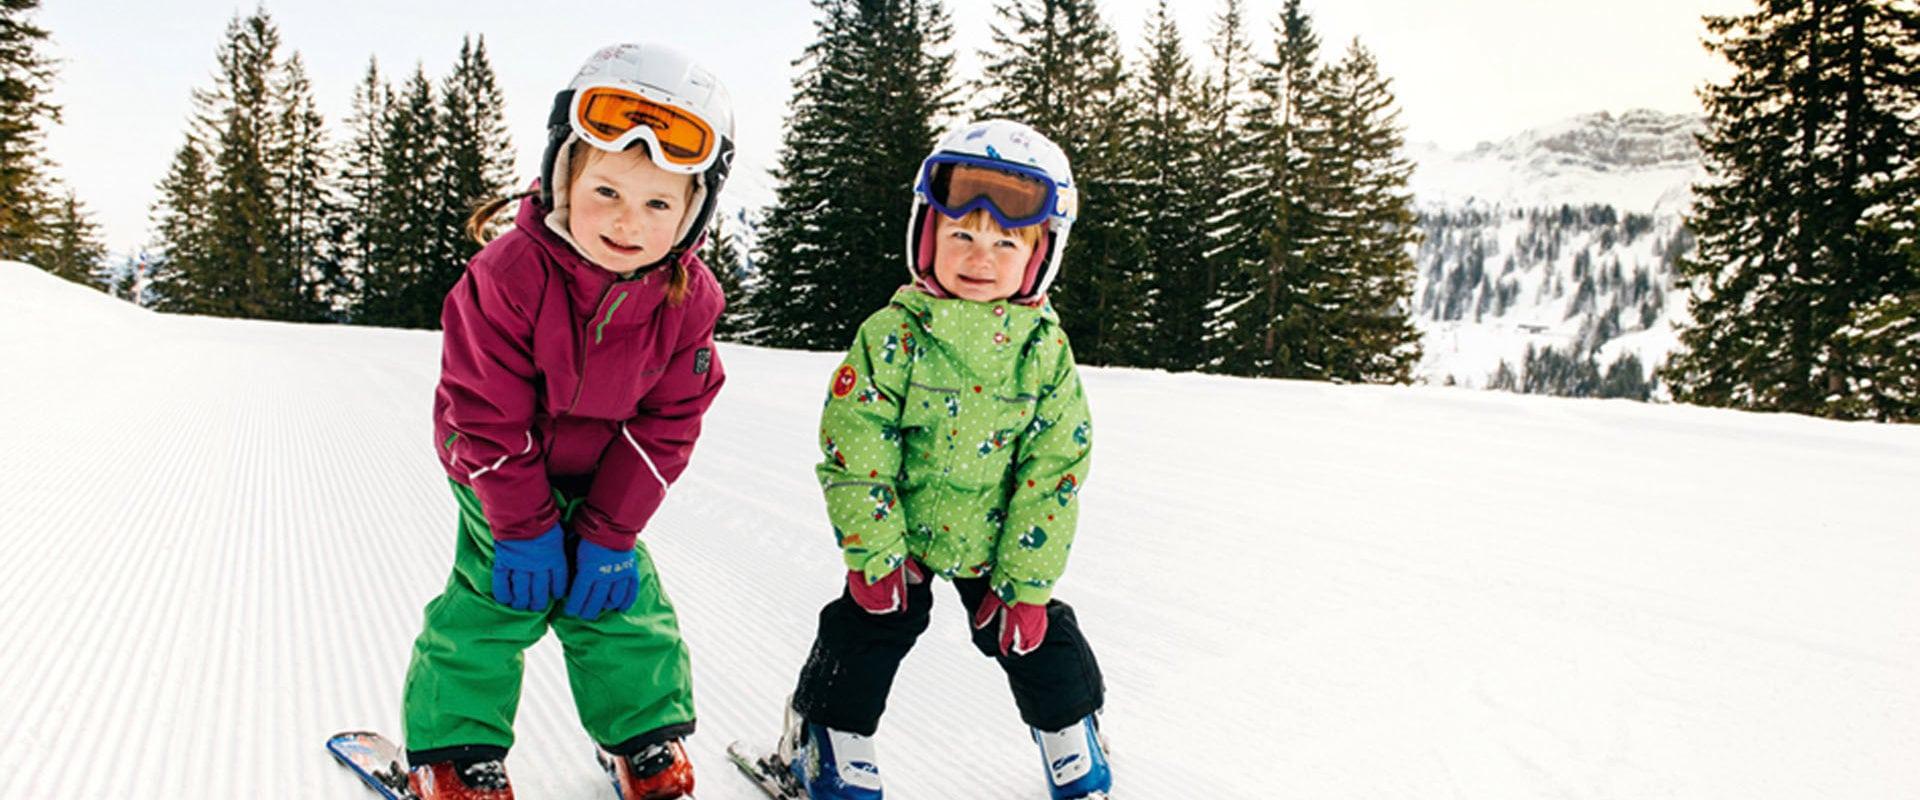 Aktion Kinderschnee im Bregenzerwald